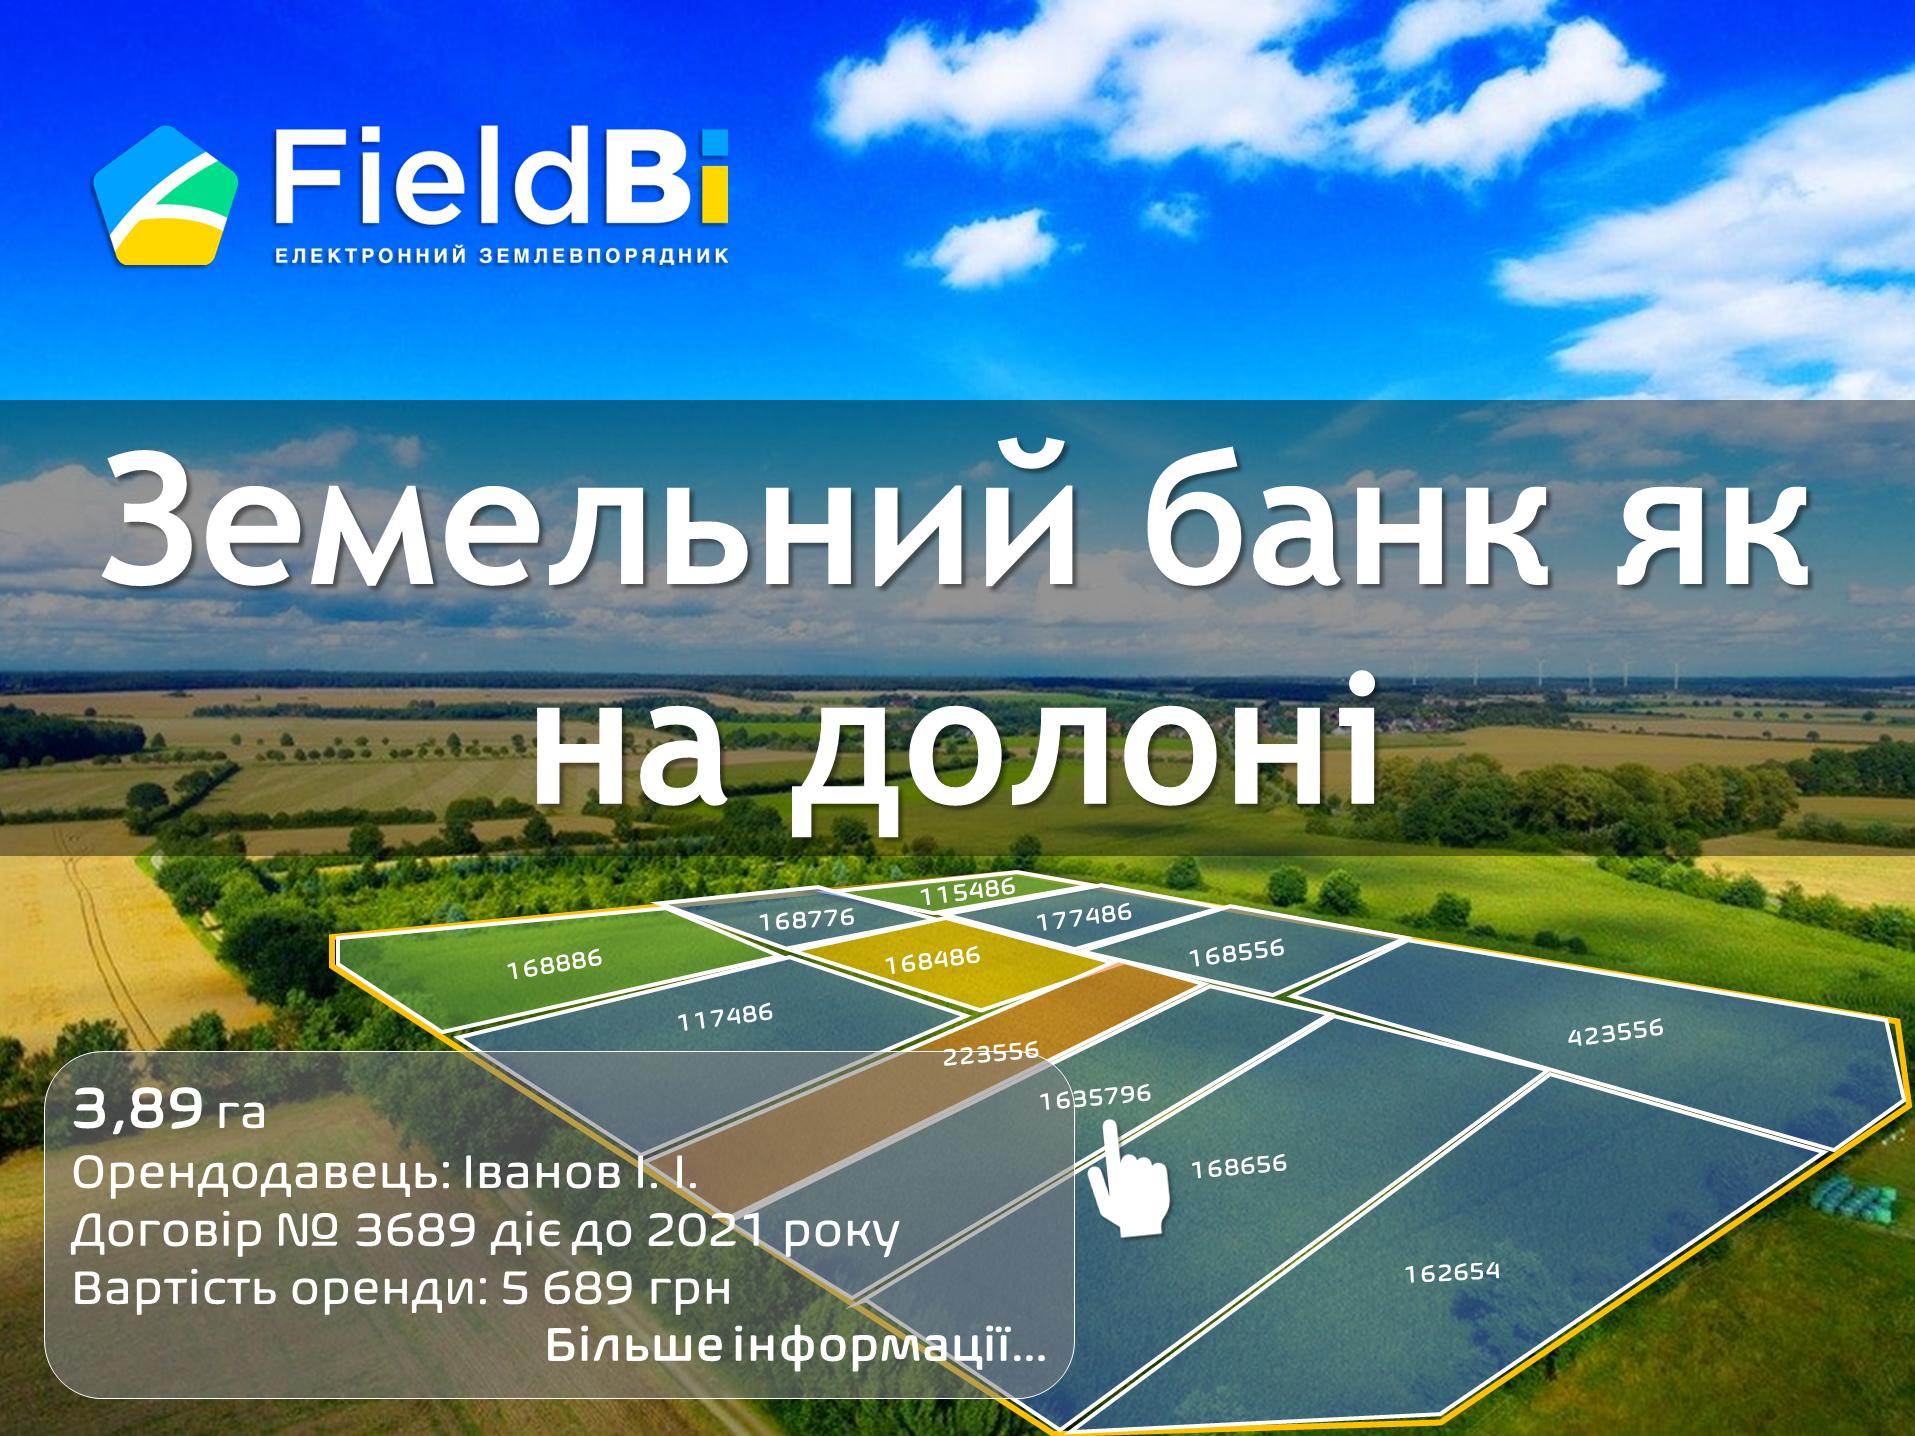 Електронний землевпорядник FieldB